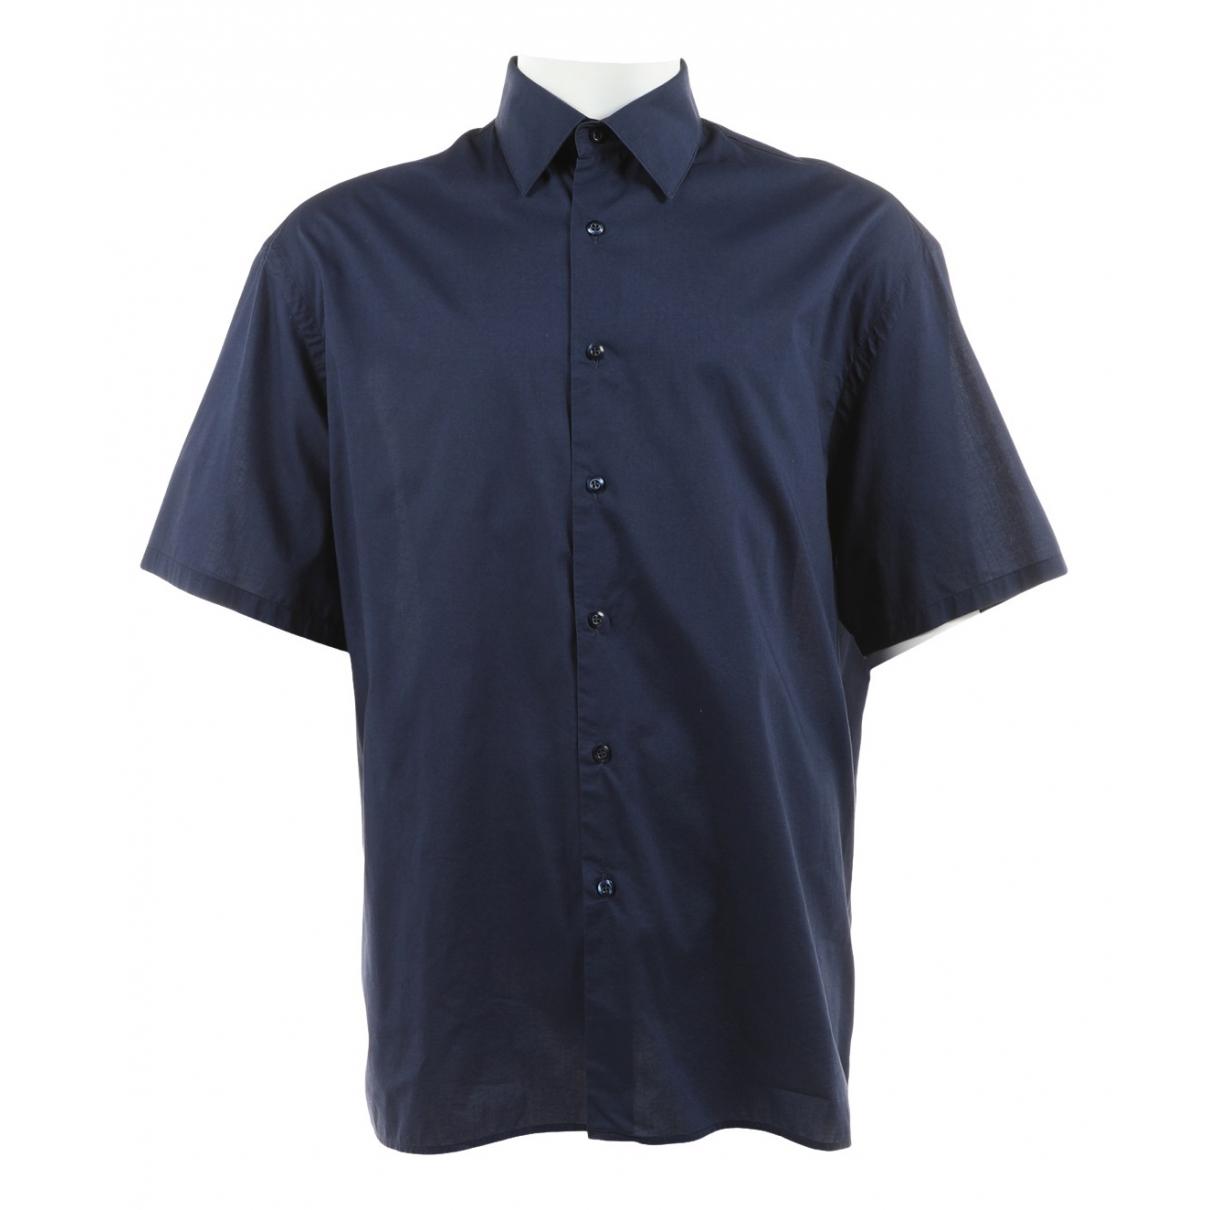 Prada \N Navy Cotton Shirts for Men 43 EU (tour de cou / collar)